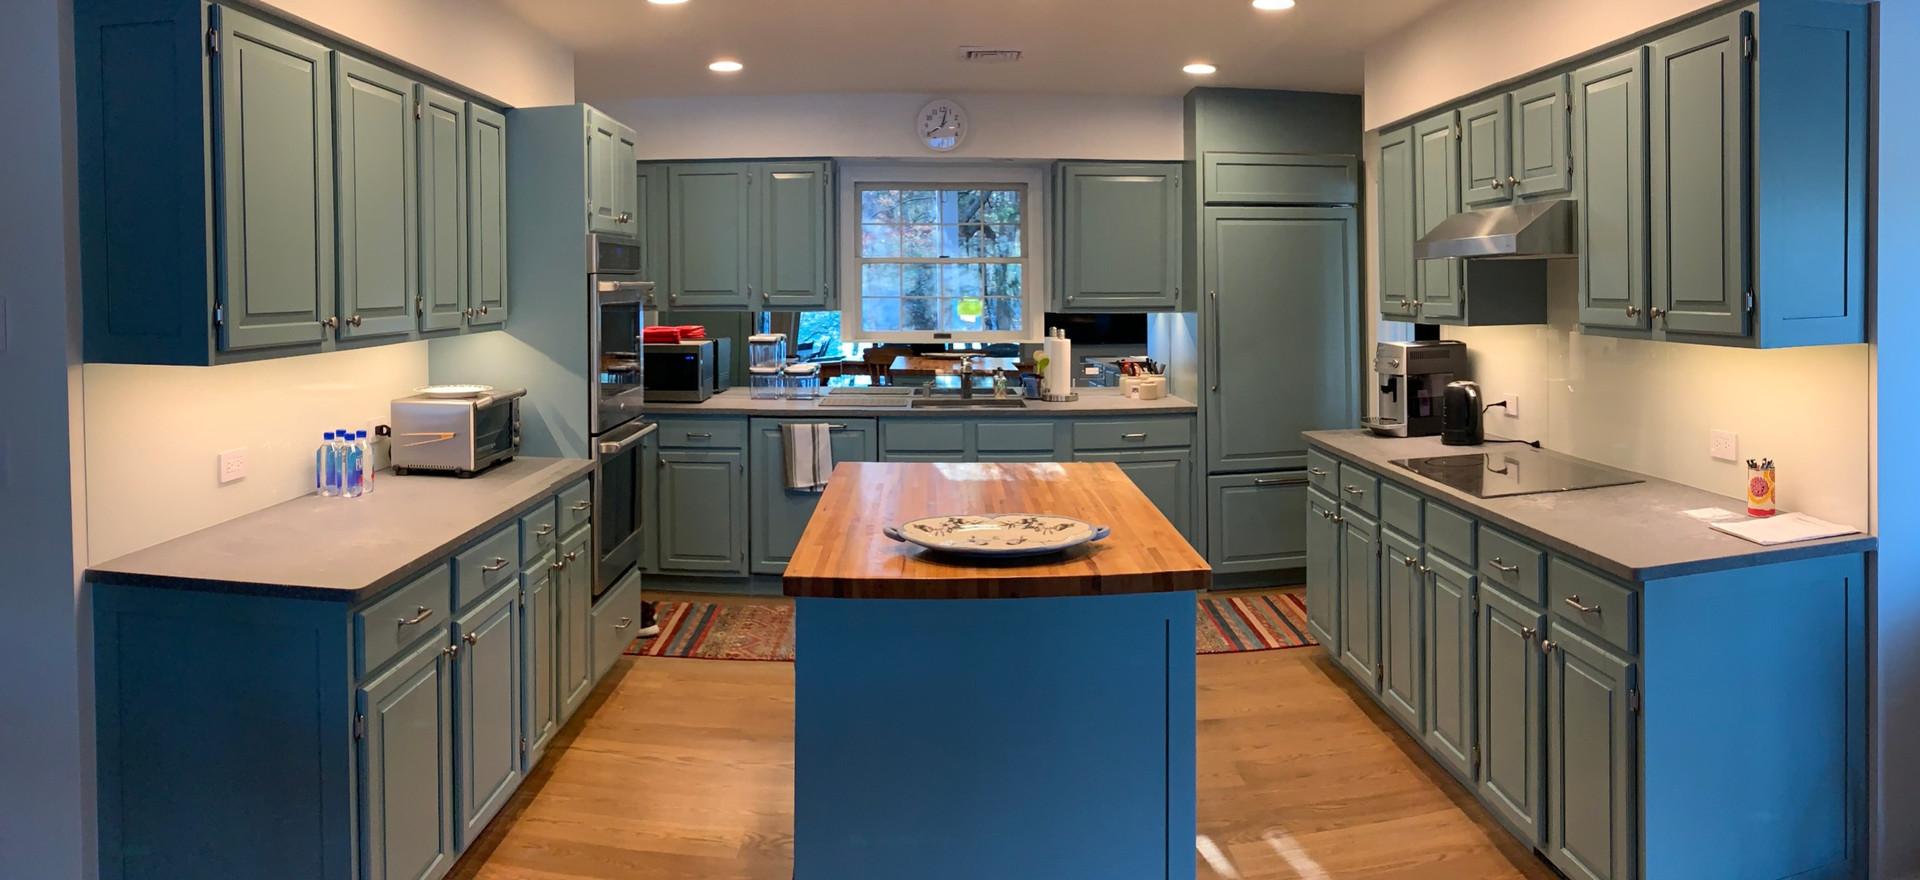 Kitchen Renovation, Carmel NY